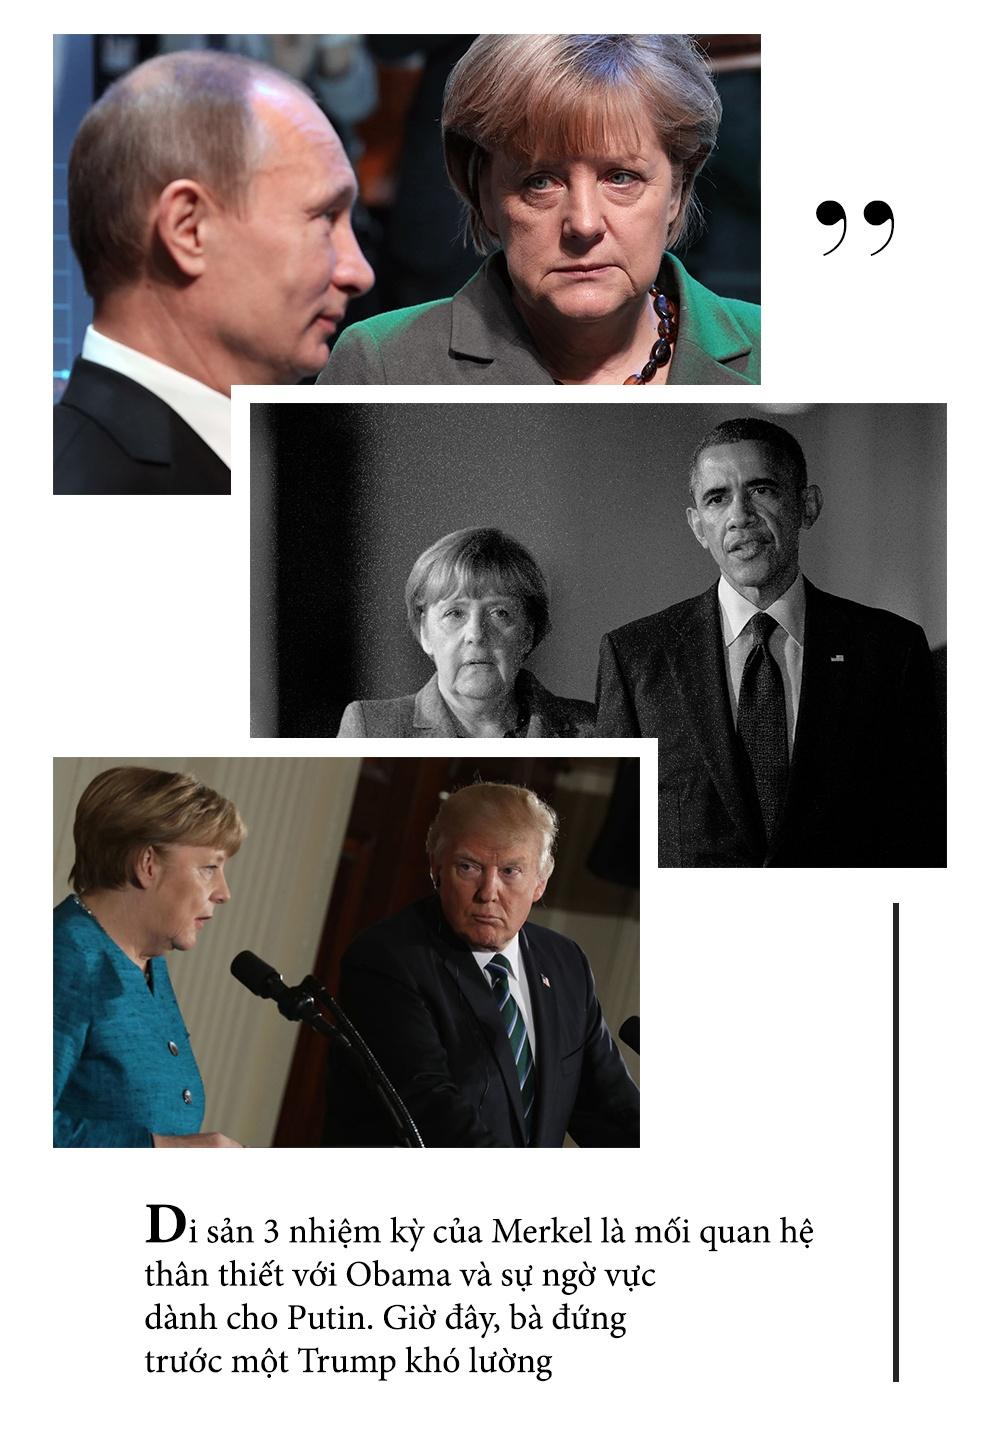 Merkel 4.0: Nguoi bao ve tu do trong 'ky nguyen cua Trump' hinh anh 12